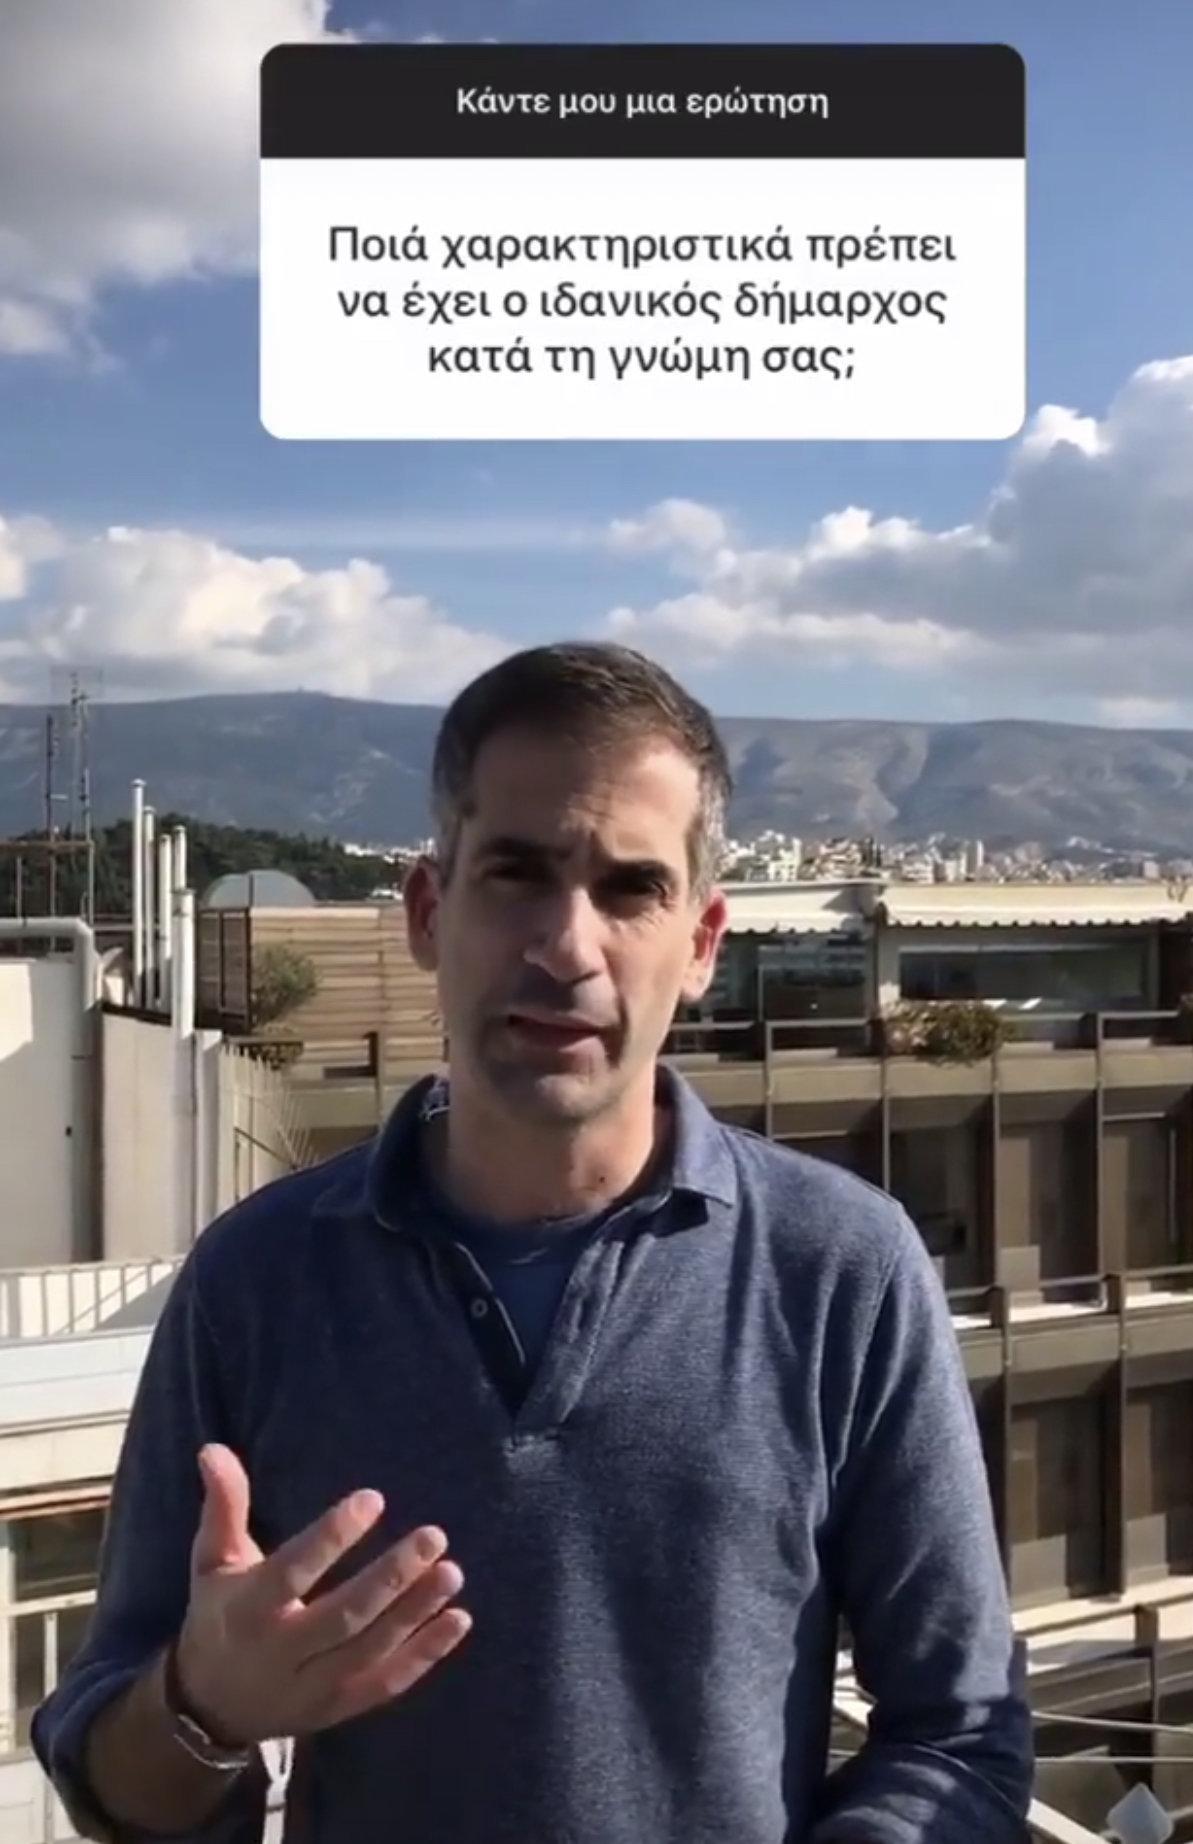 Ο Κώστας Μπακογιάννης απαντά μέσω Instagram σε ερωτήματα για την